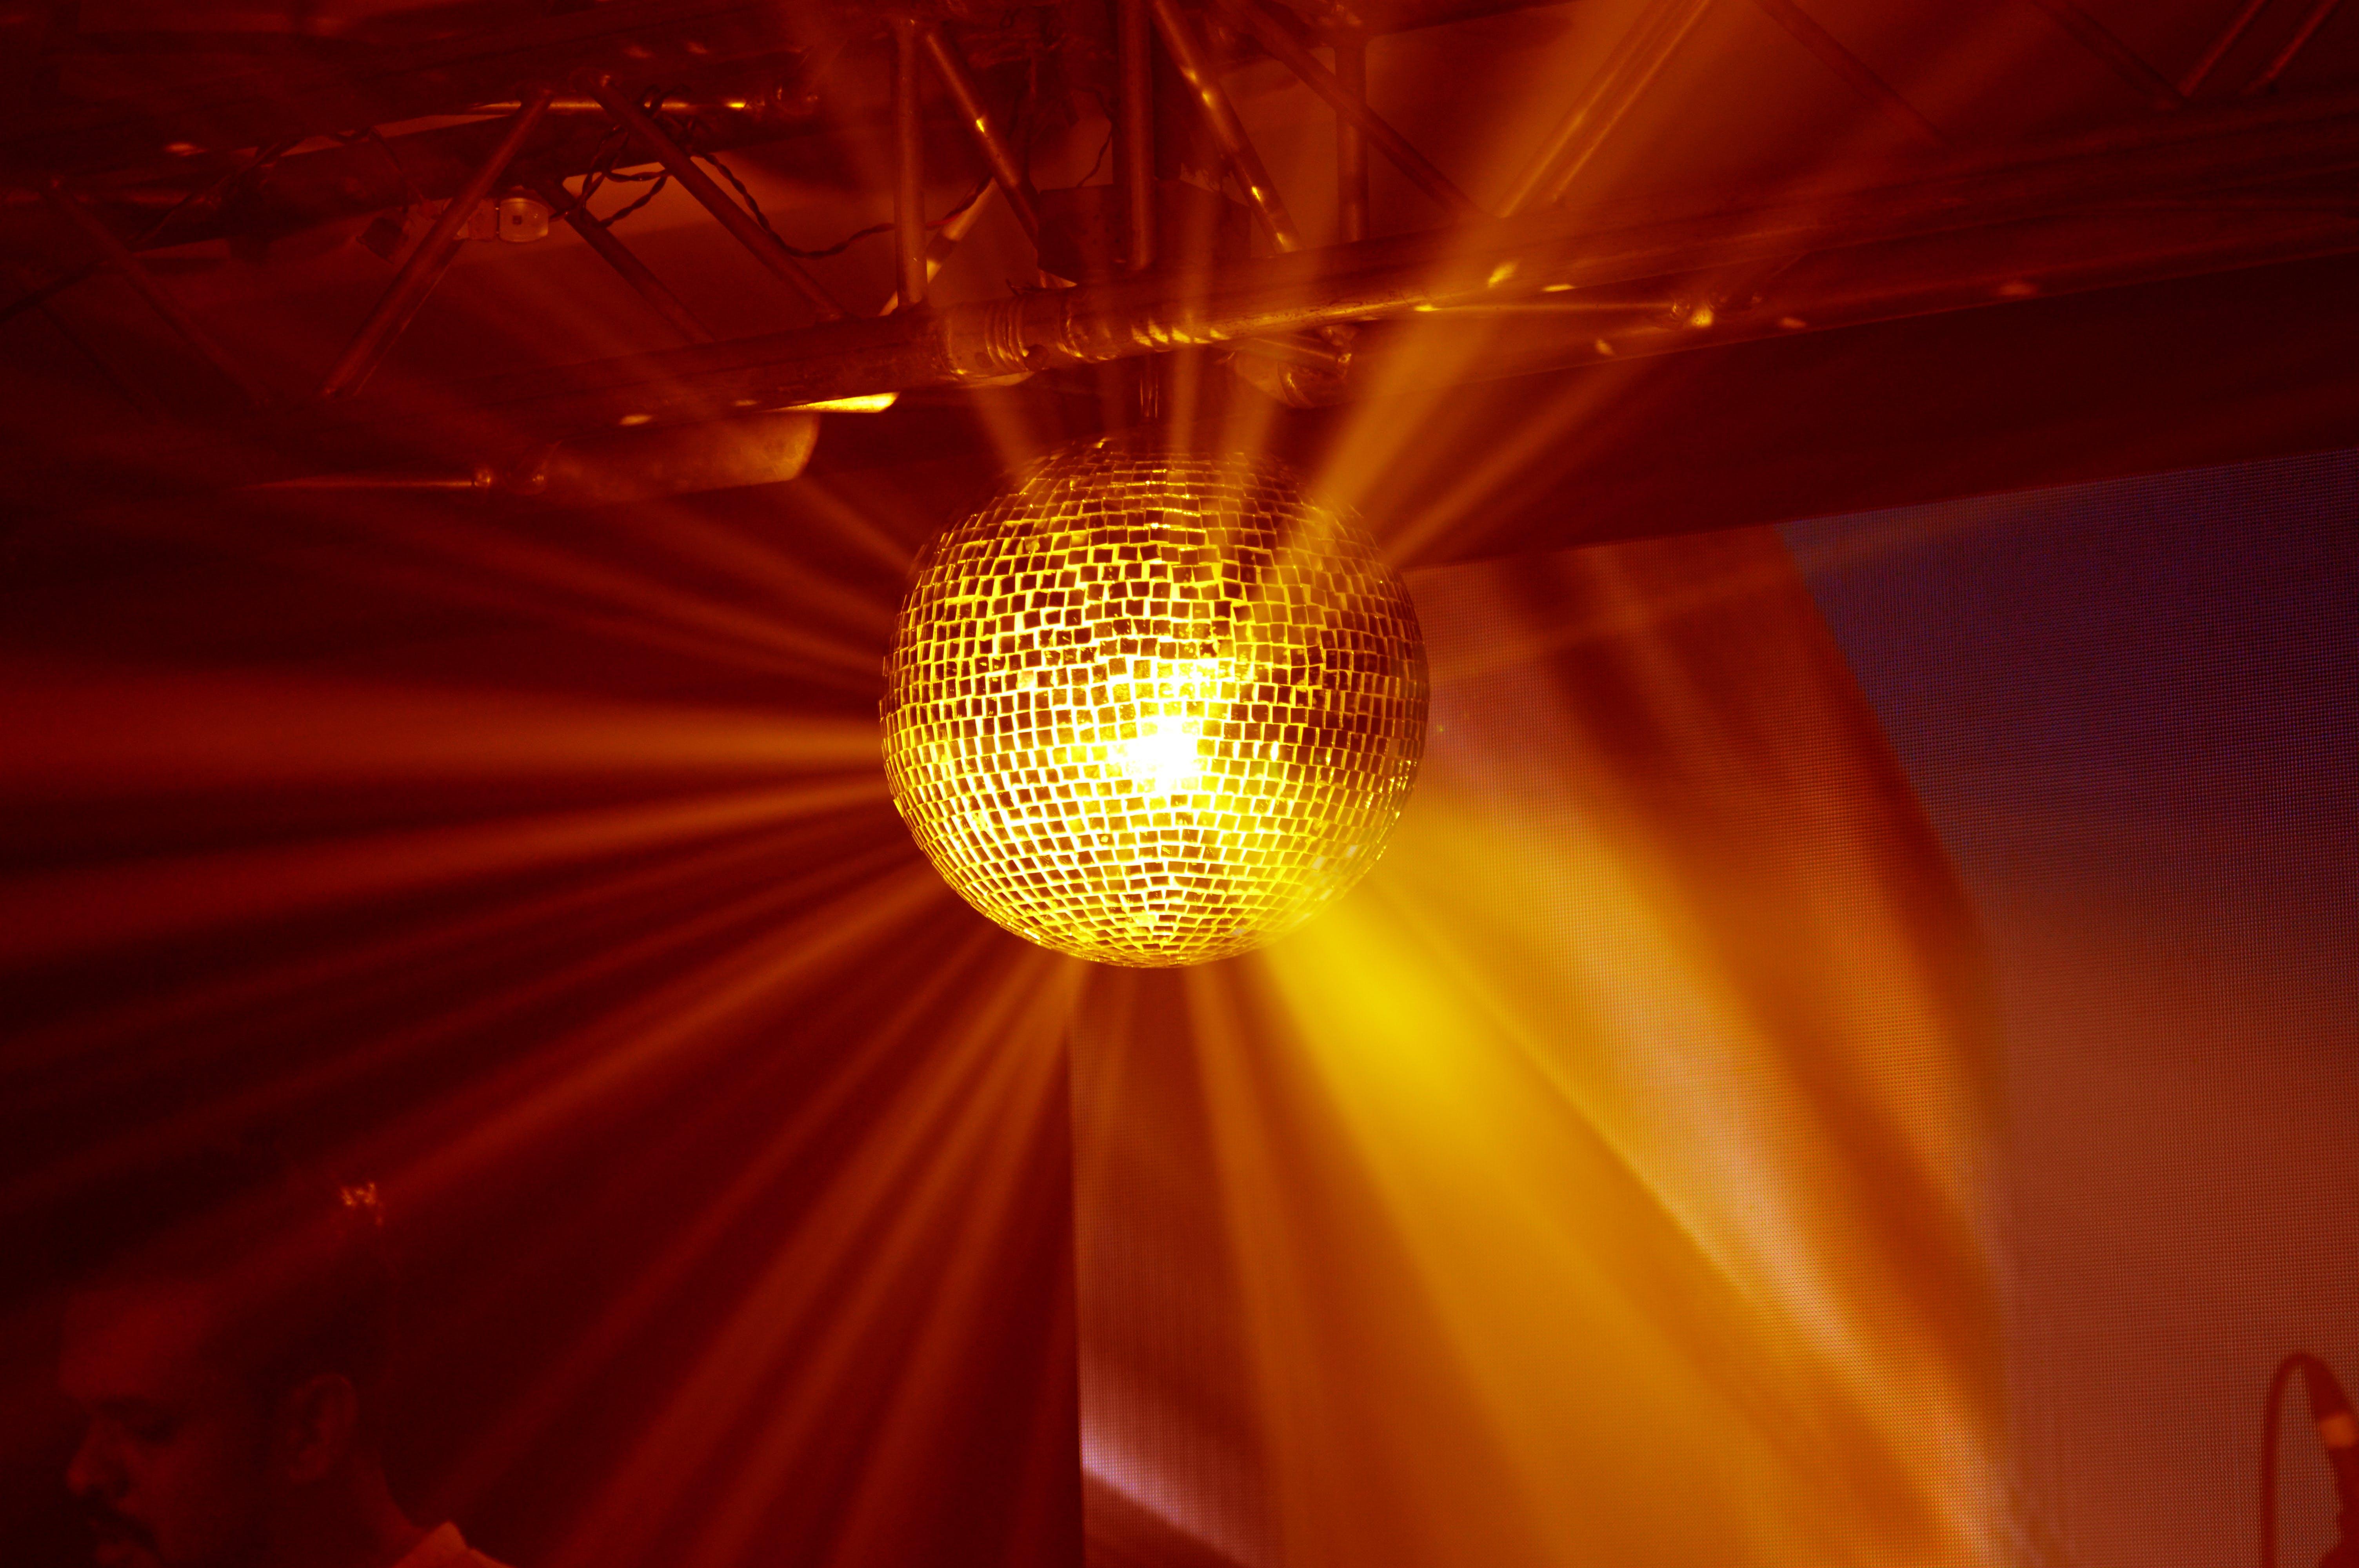 Δωρεάν στοκ φωτογραφιών με background, disco, μπάλα ντίσκο, φώτα